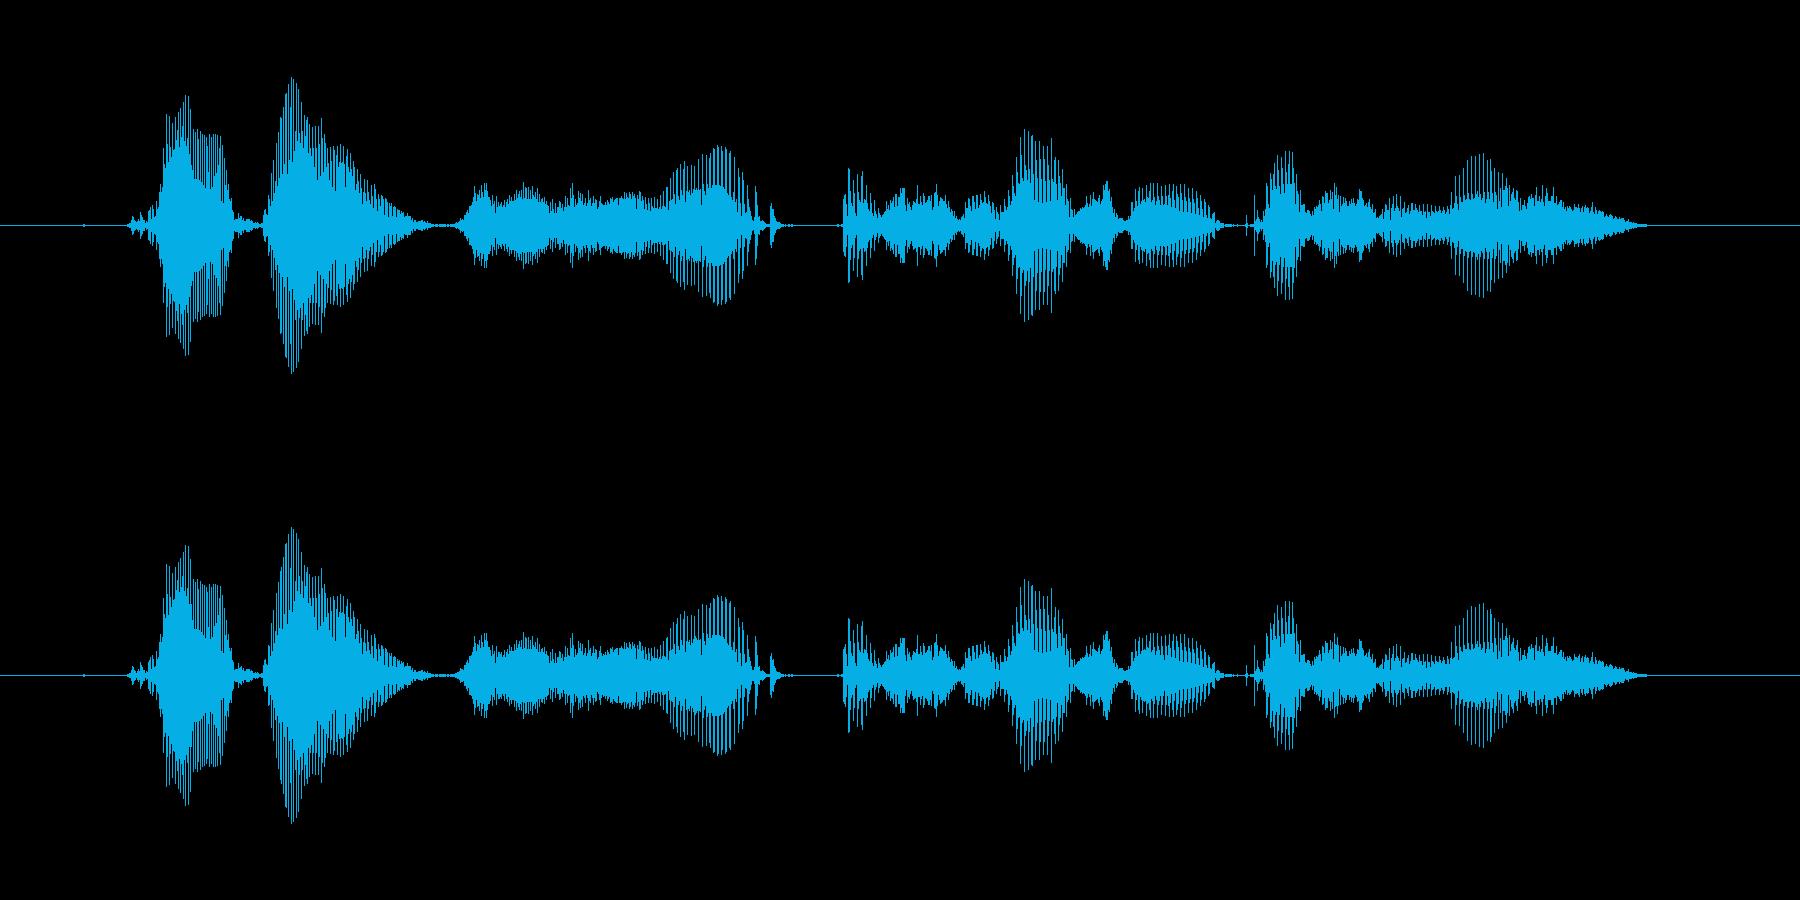 【時報・時間】午後1時を、お知らせいた…の再生済みの波形